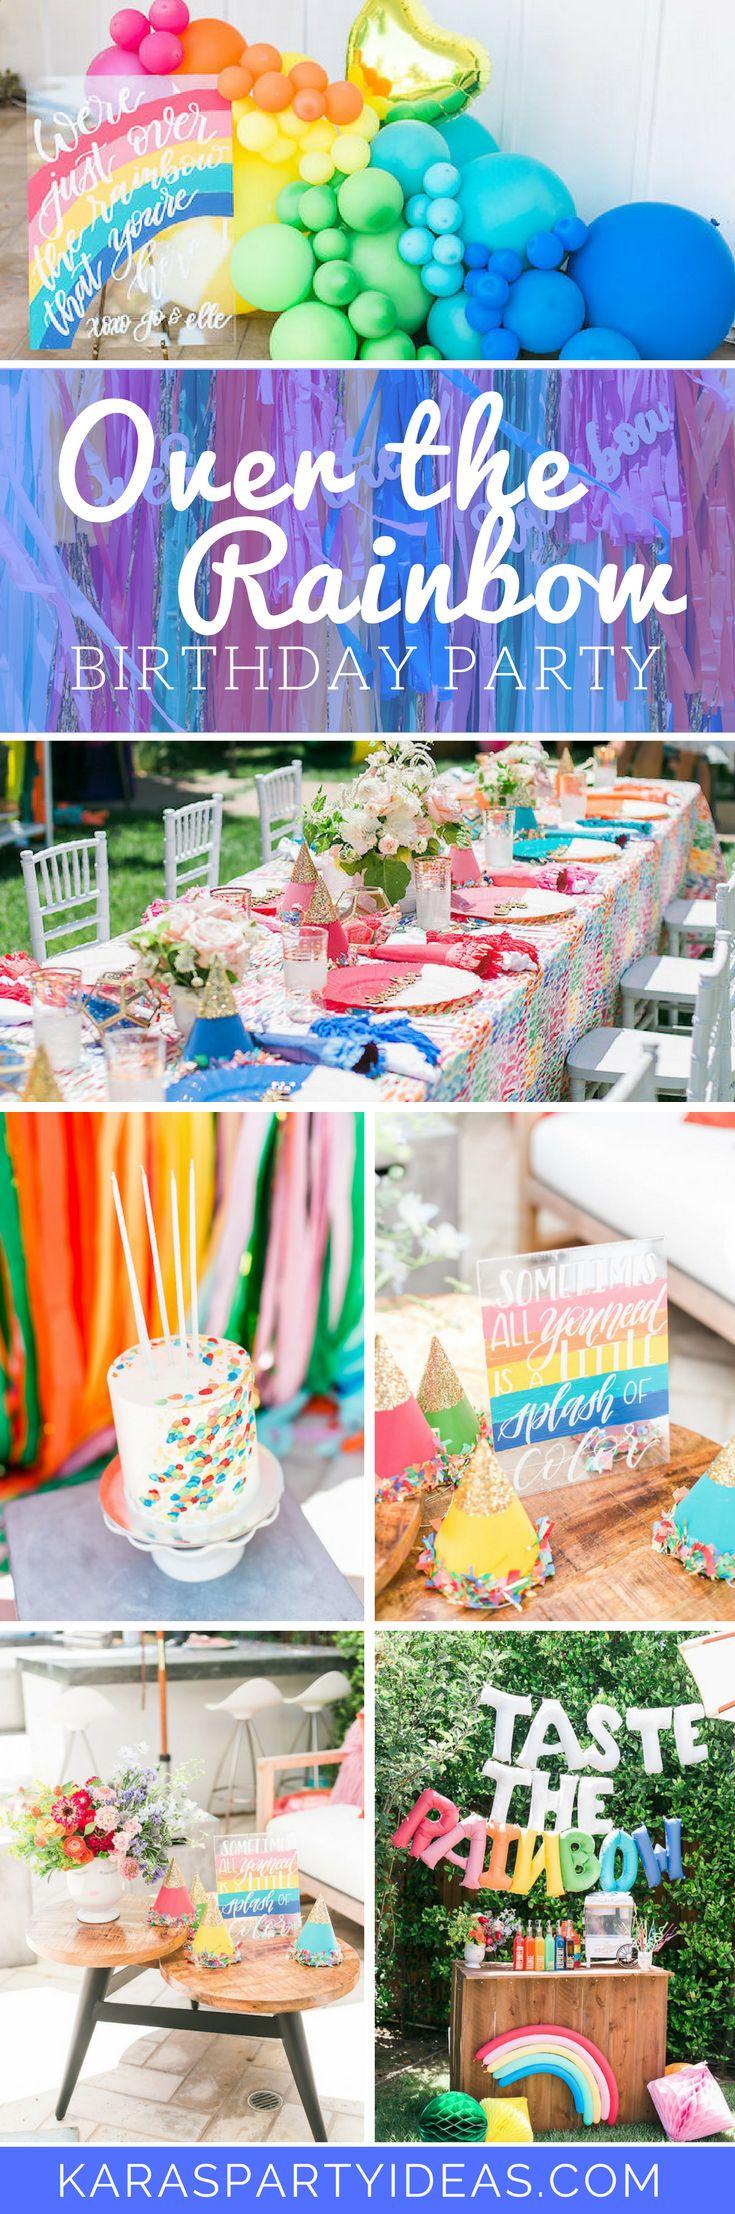 Tea time tea birthday party via kara s party ideas karaspartyideas com - Over The Rainbow Birthday Party Via Kara S Party Ideas Karaspartyideas Com